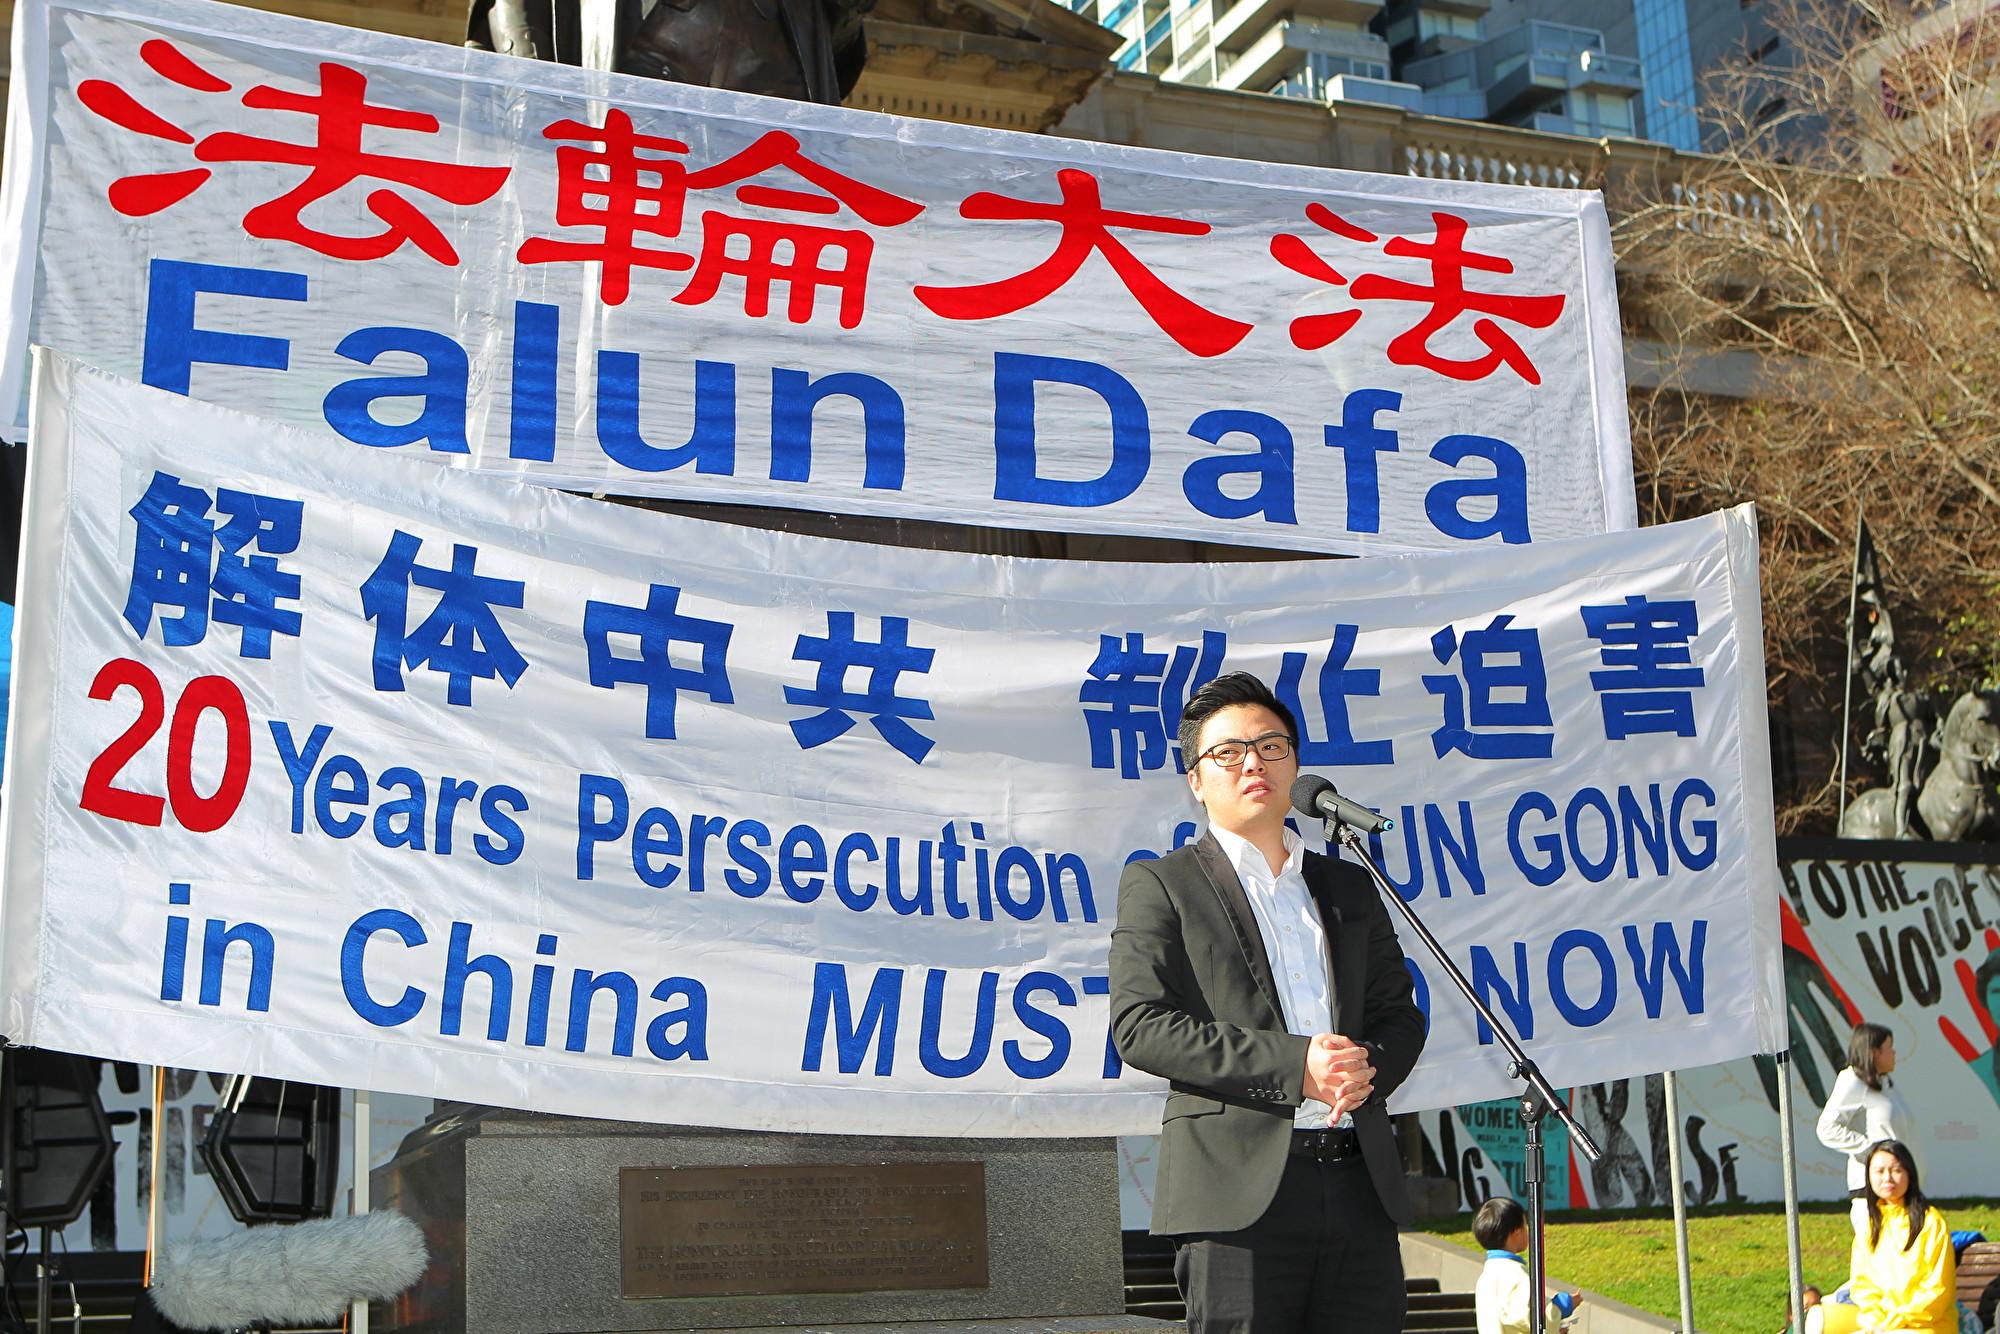 墨爾本澳港聯(Australia-Hong Kong Link)負責人羅錫安(Zion Lo)呼籲澳洲政府挺直腰桿對中共的迫害說不。 (陳明/大紀元)